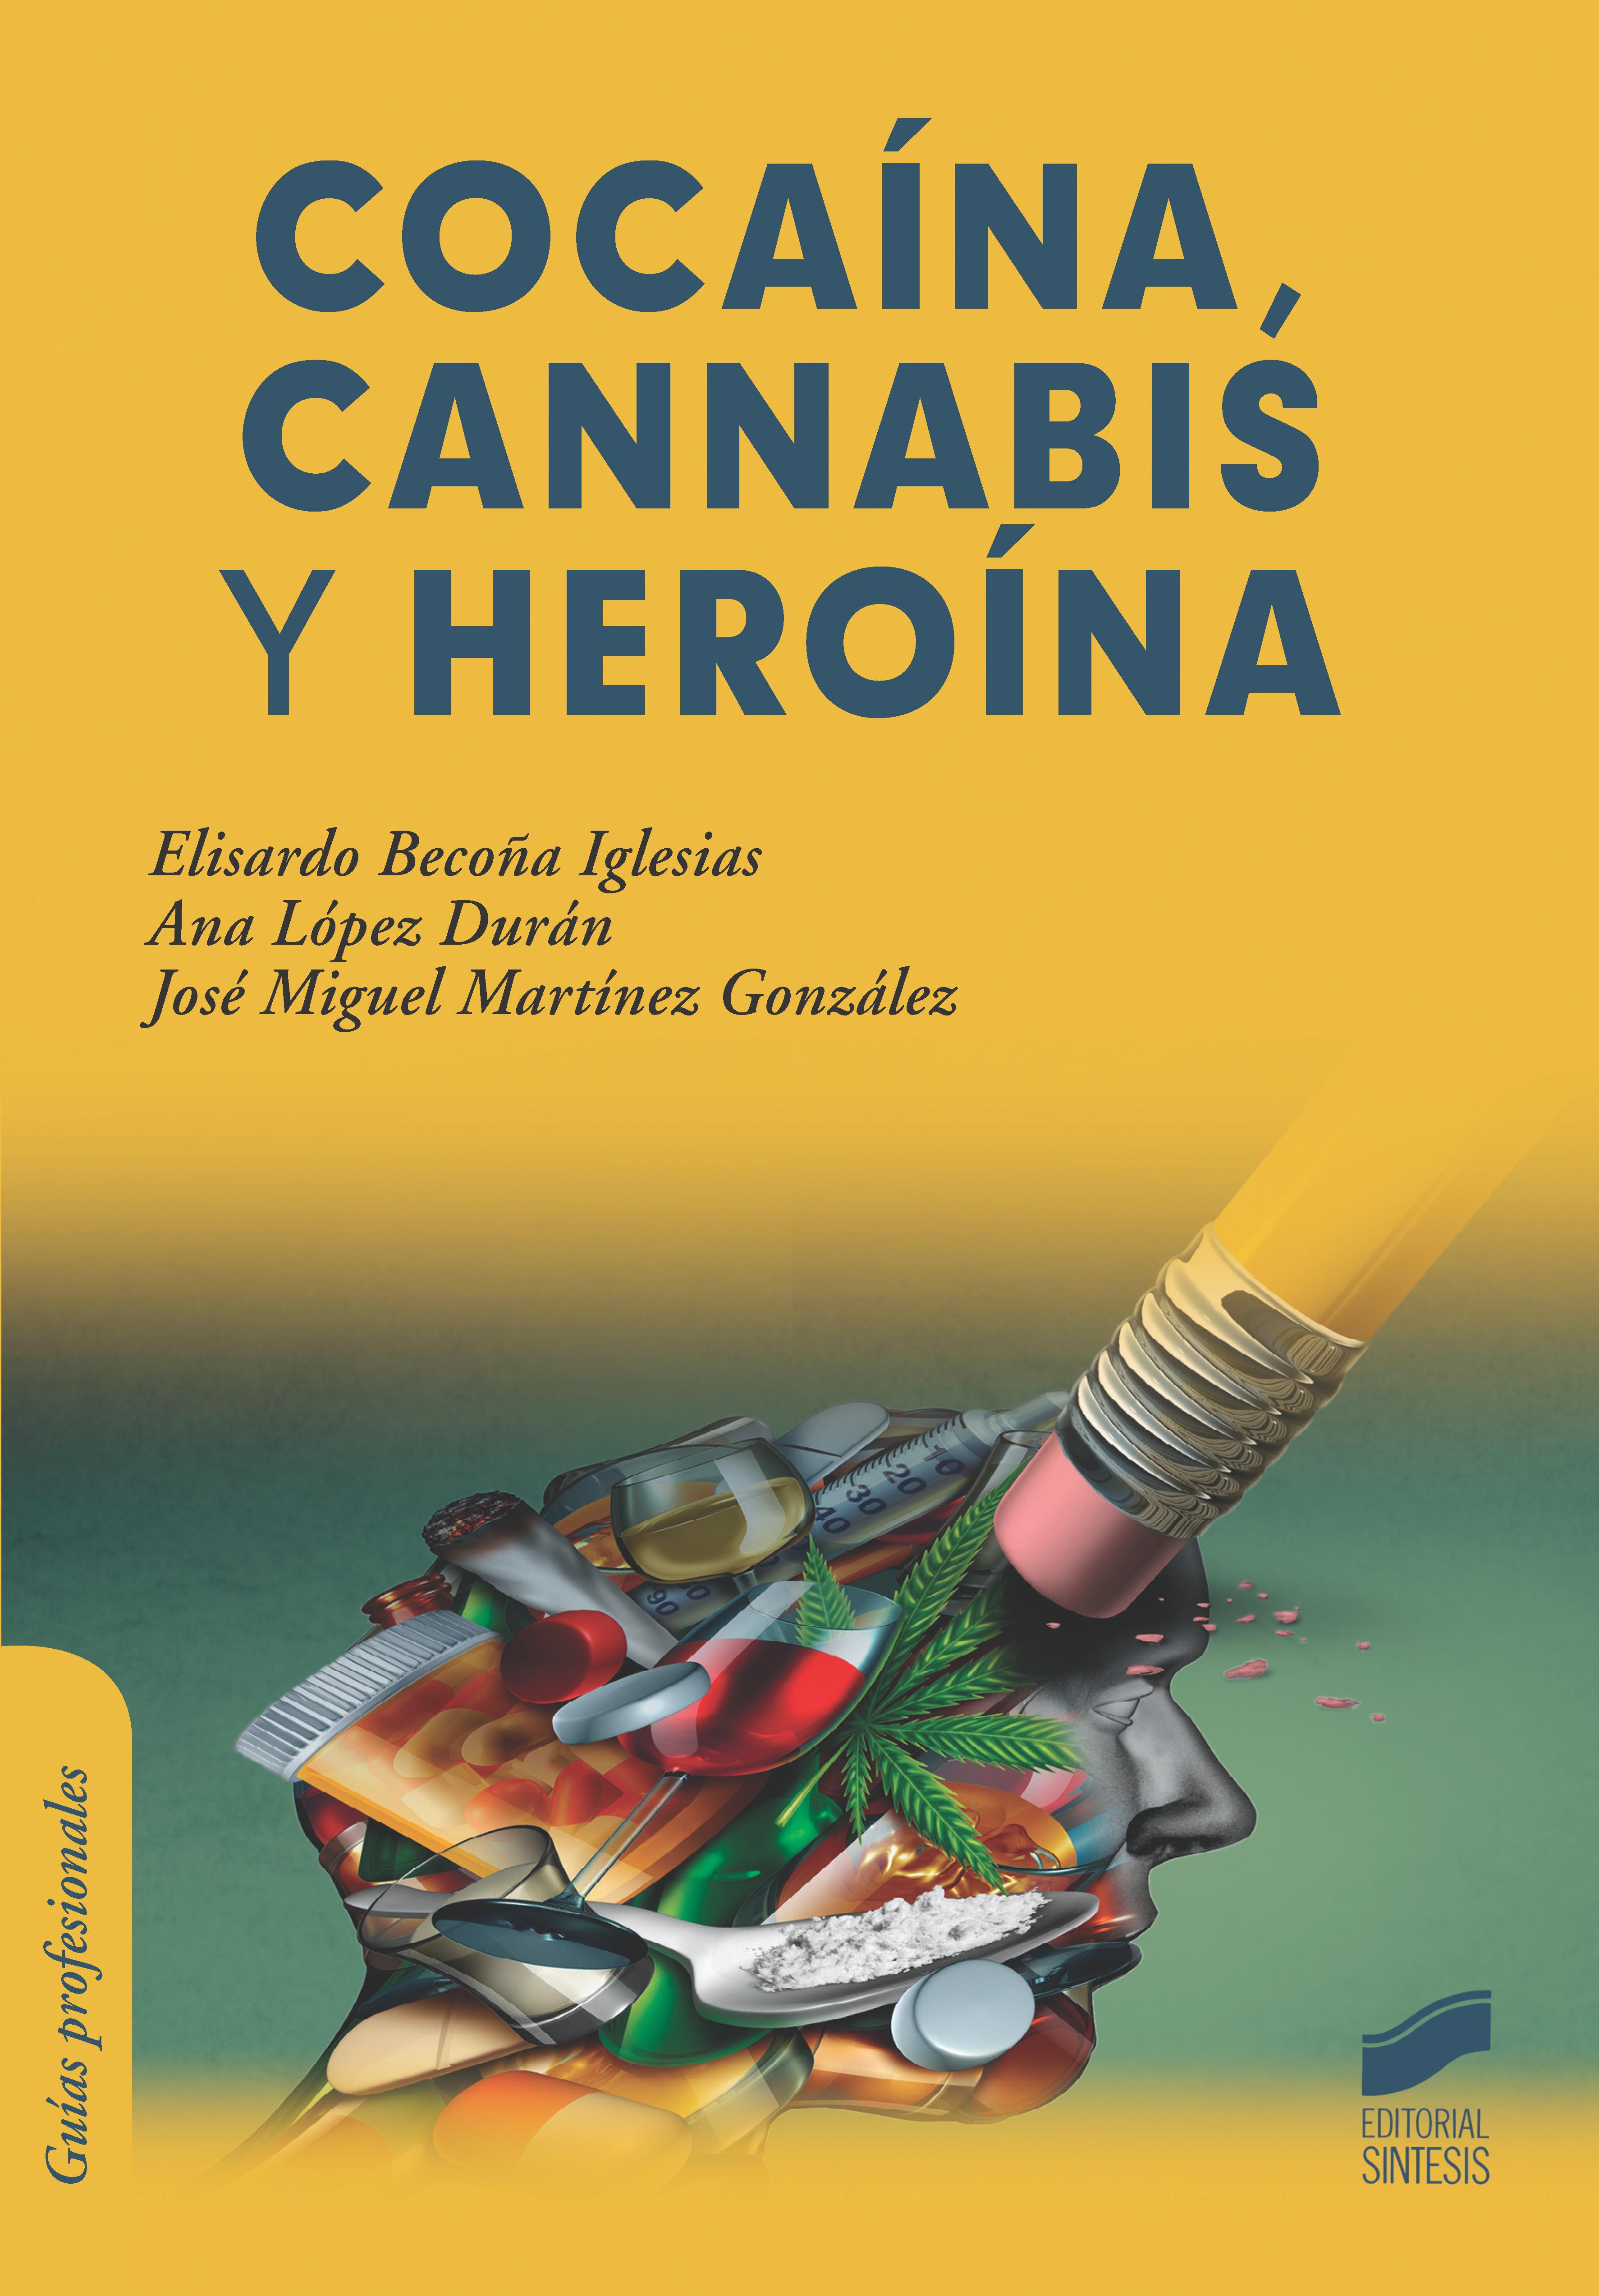 Cocaína, cannabis y heroína